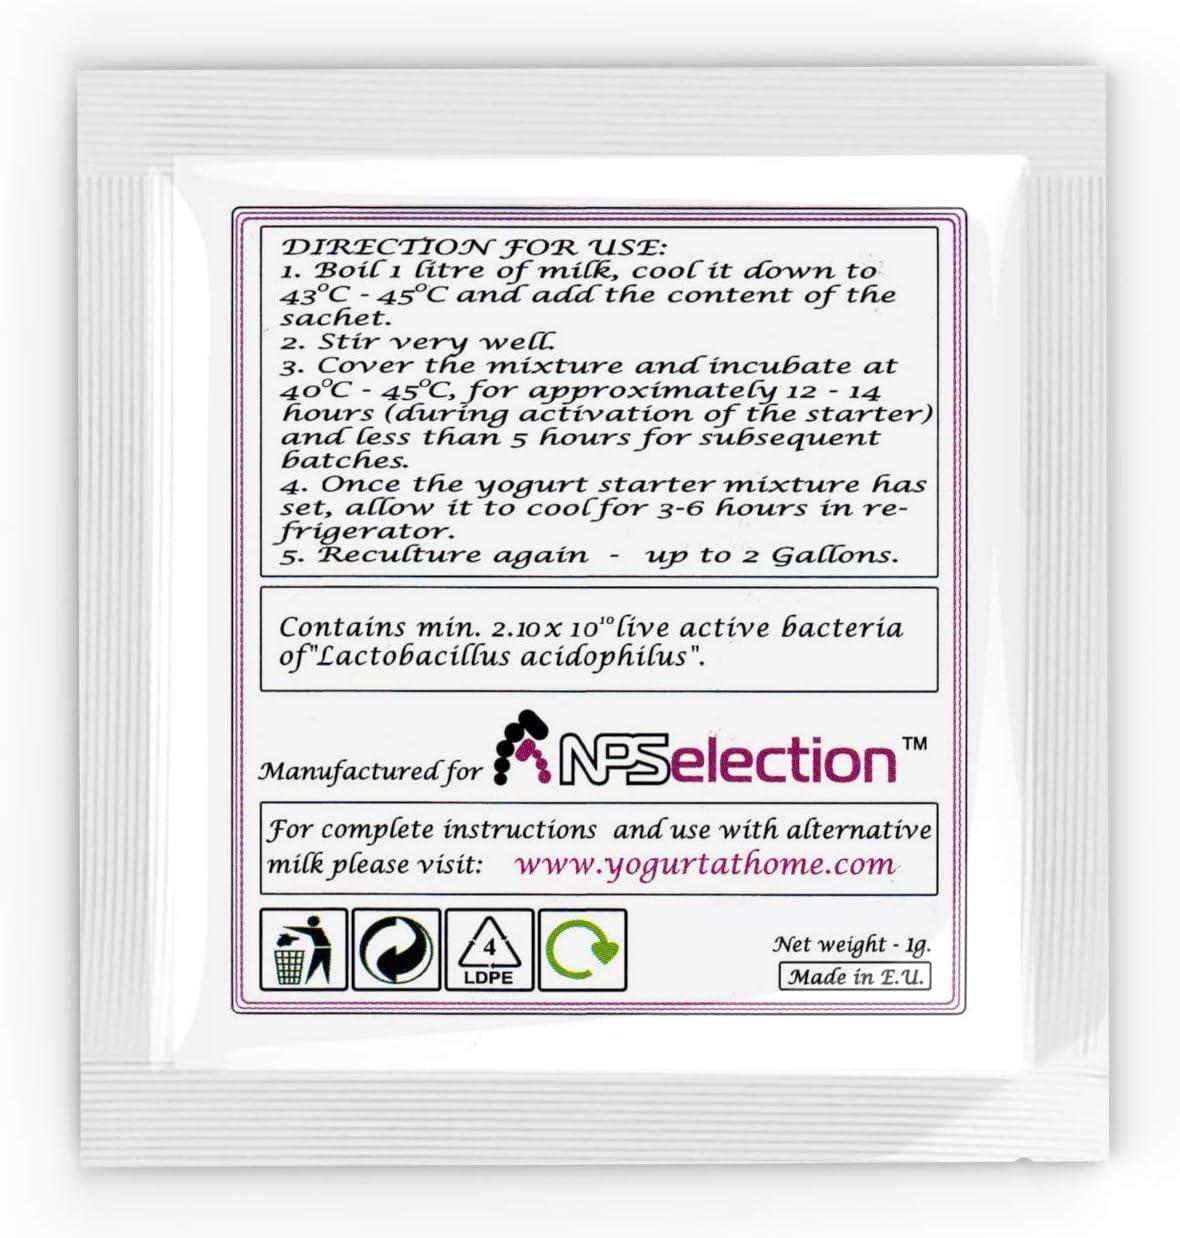 NPSelection Cultivo de Yogur acidophilus Puro – Paquete de 3 bolsitas de Cultivo liofilizado para Preparar Yogur auténtico y Simple: Amazon.es: Hogar